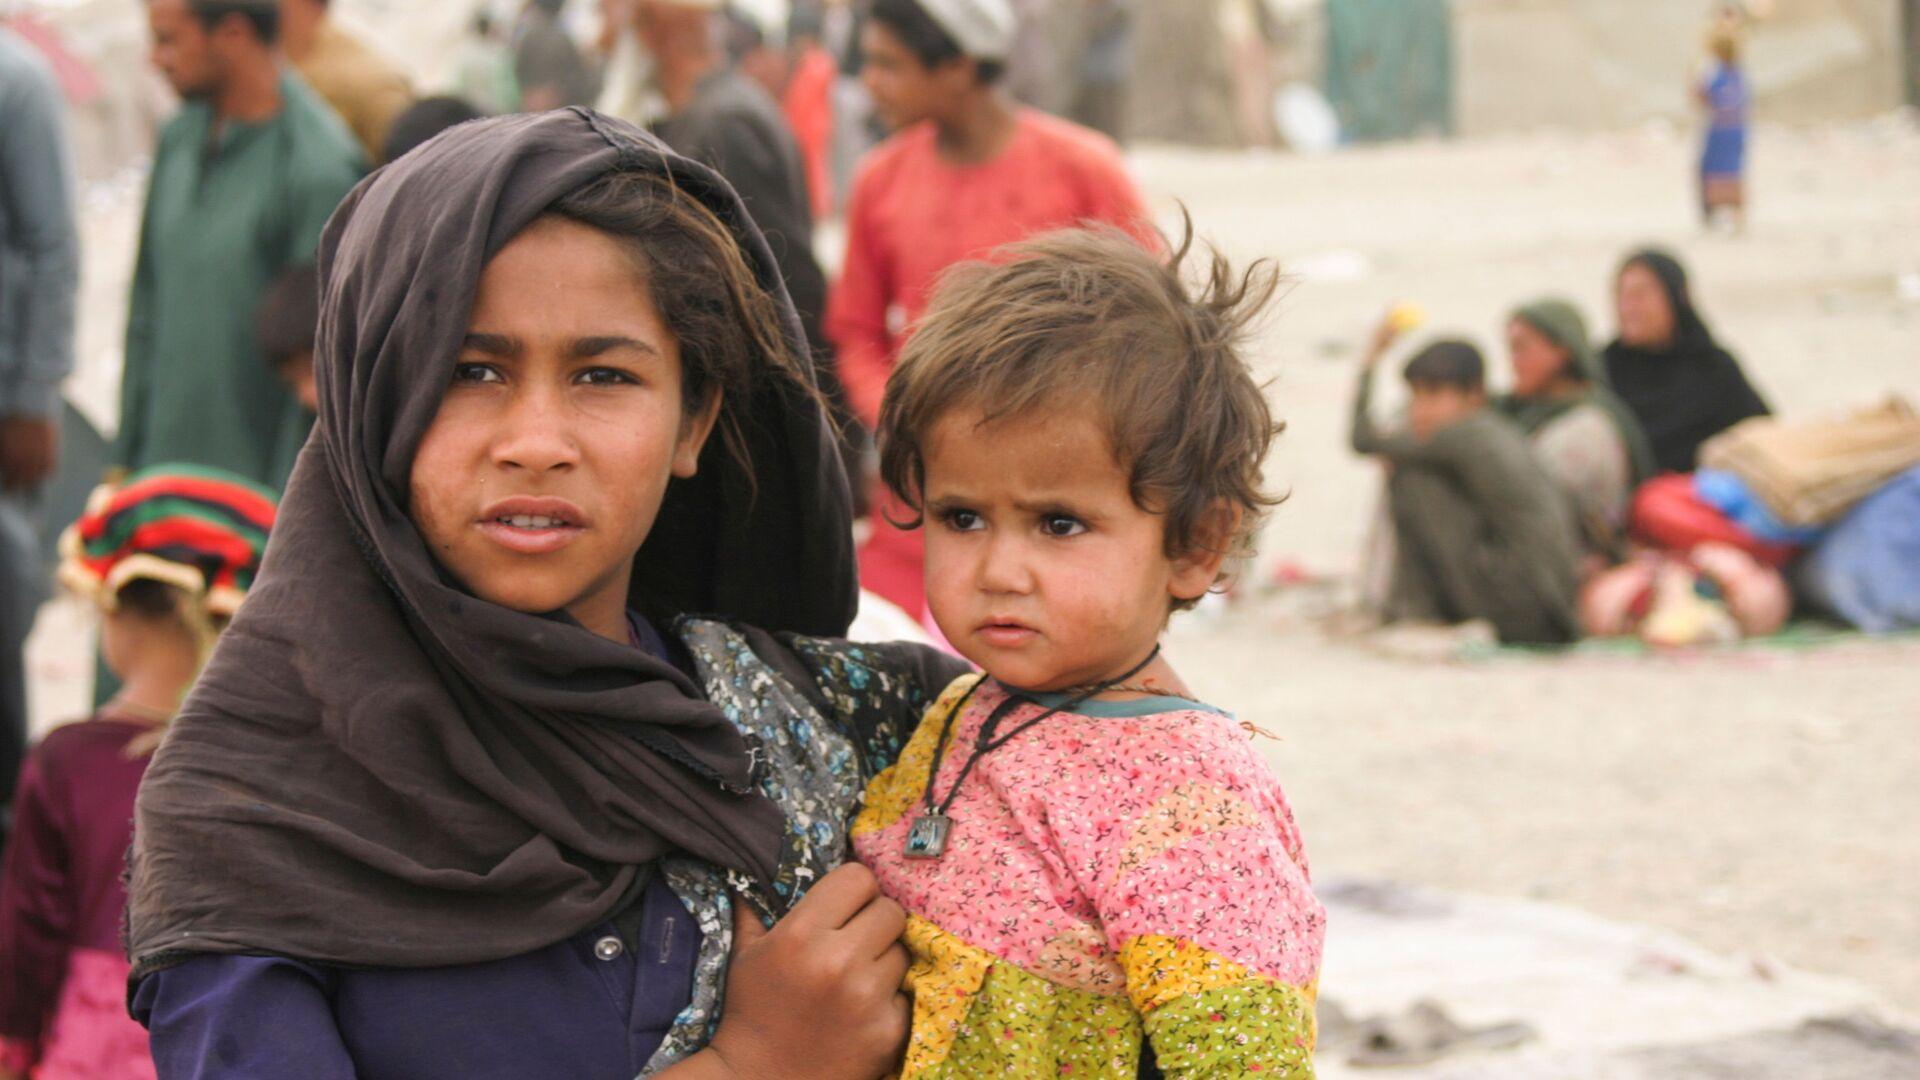 Афганцы в импровизированном лагере возле железнодорожной станции в Чамане, Пакистан - Sputnik Тоҷикистон, 1920, 16.09.2021